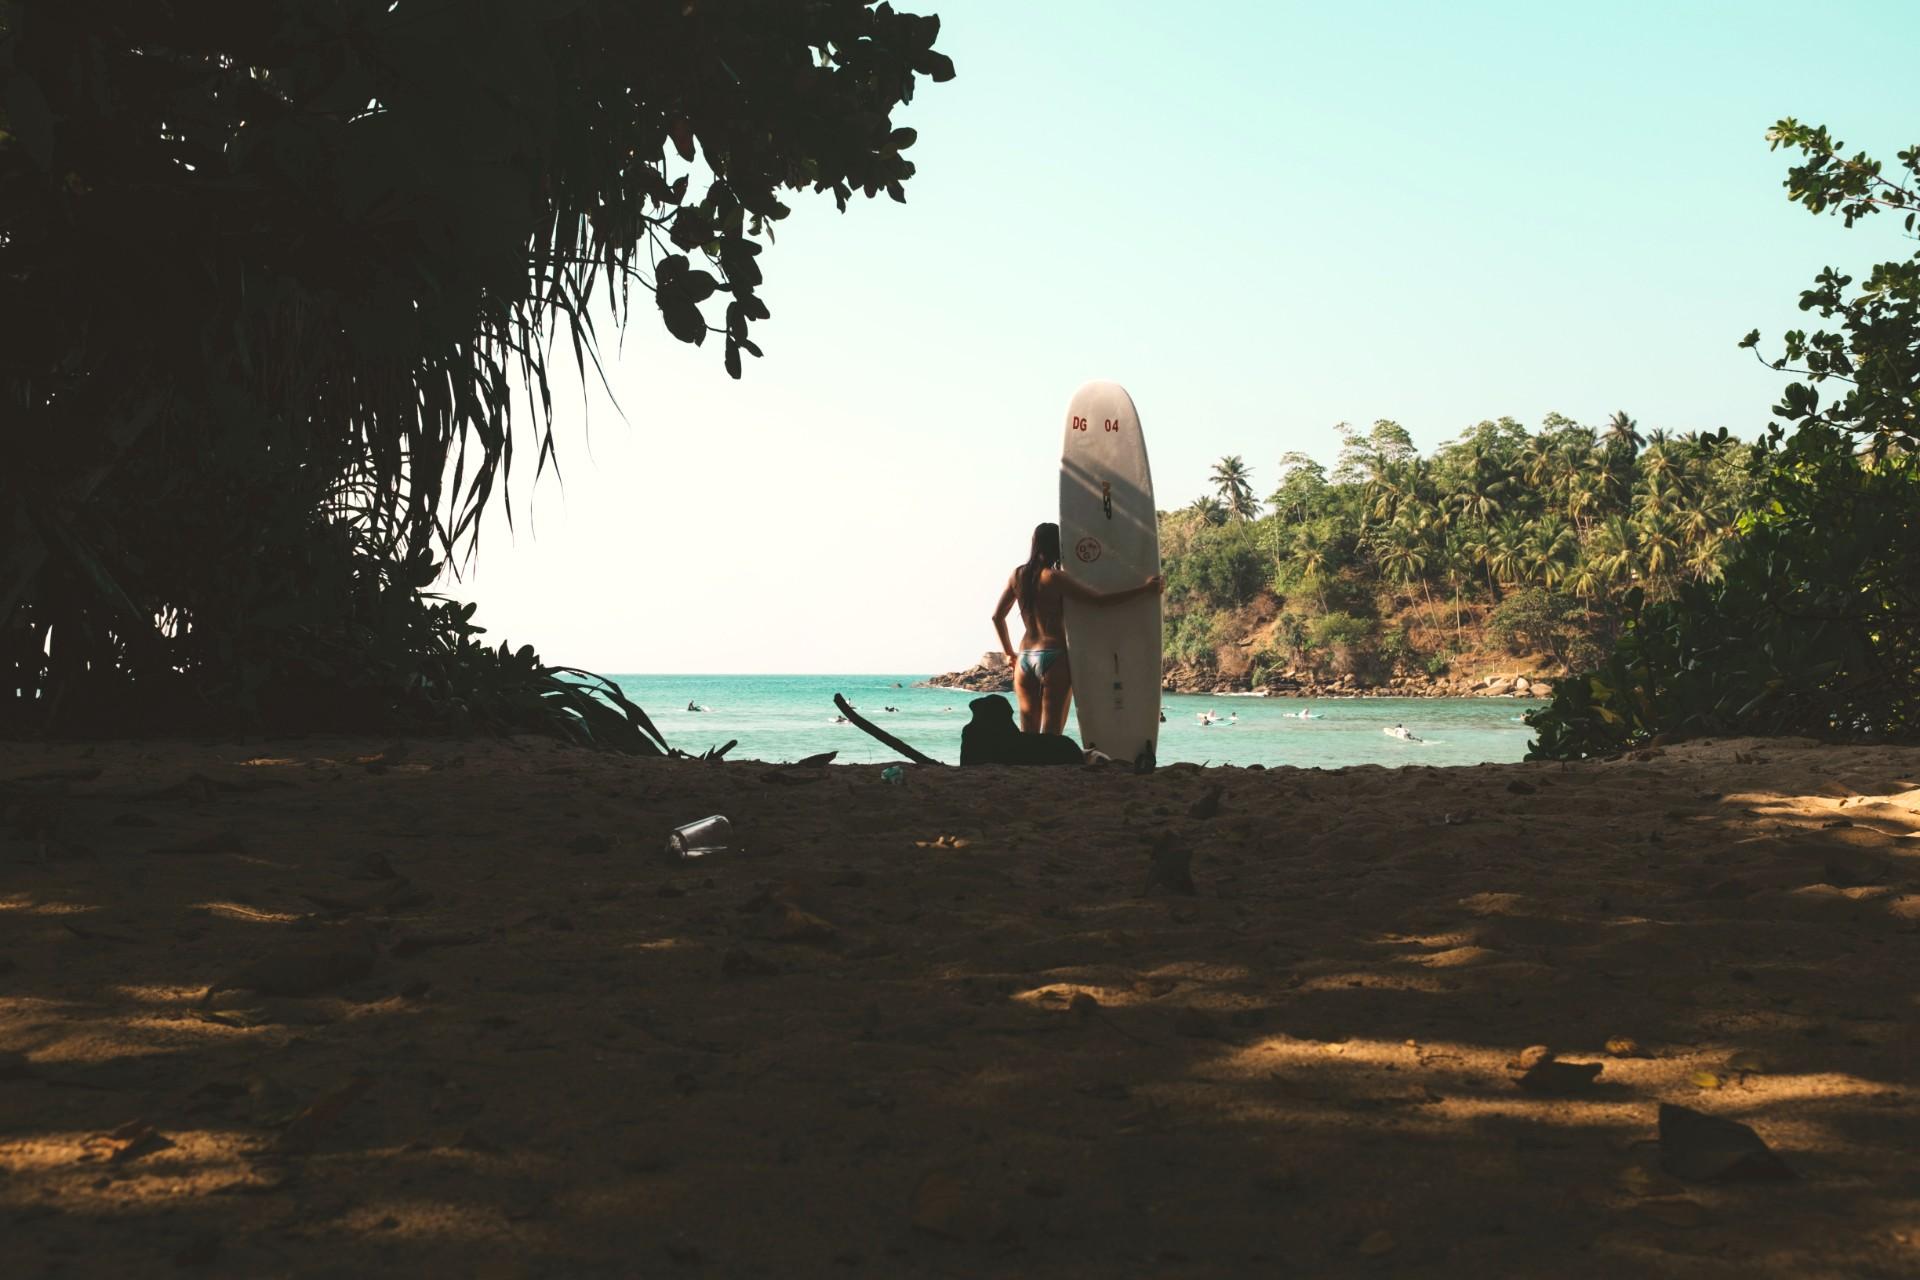 Surfing er en populær aktivitet i Sri Lanka